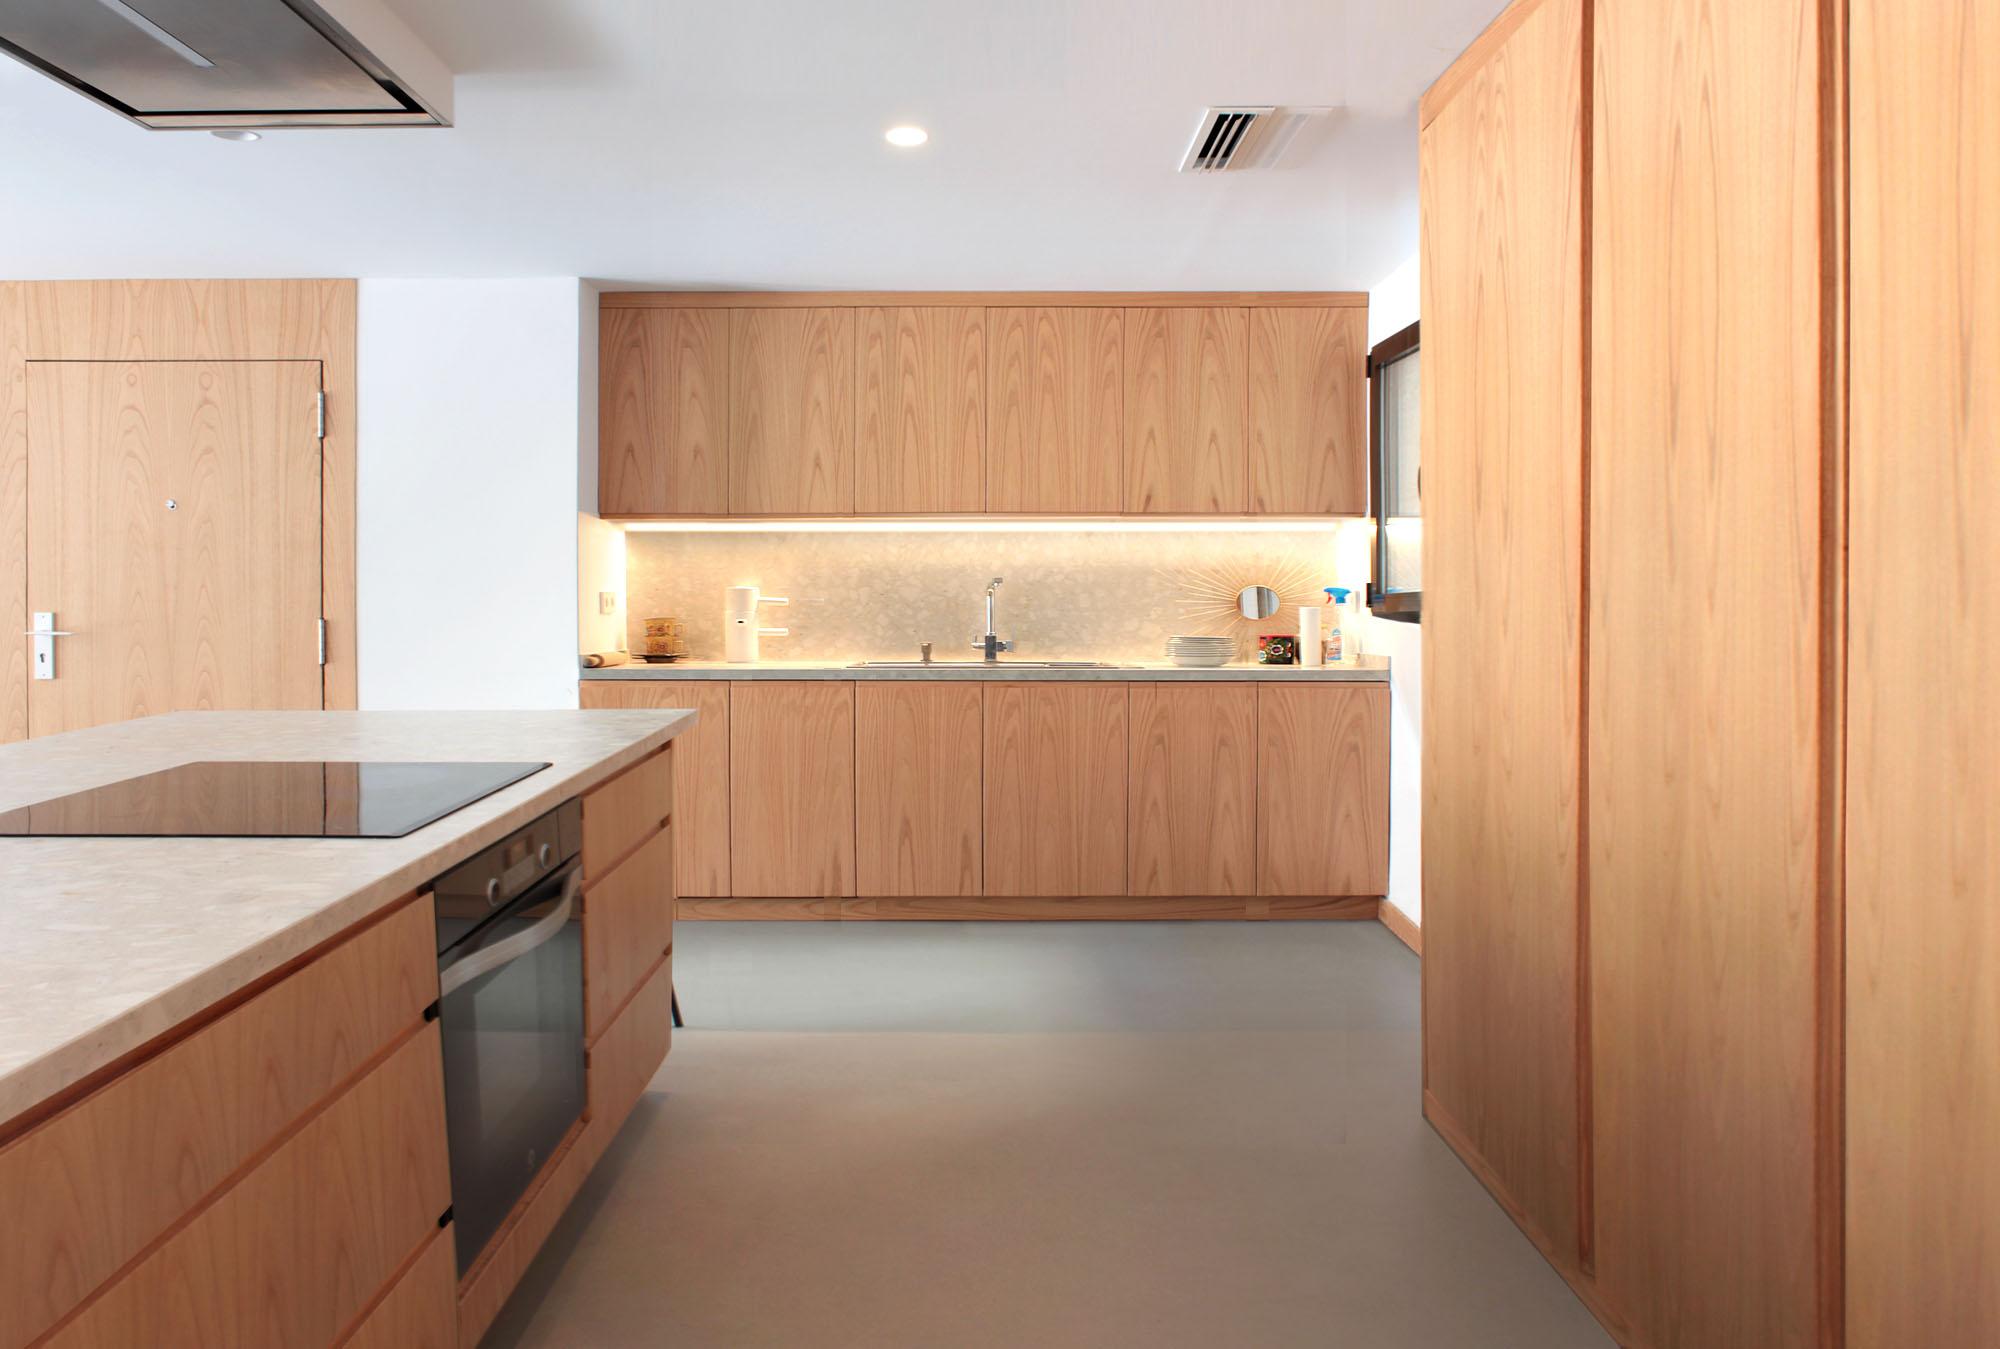 Cocina Apartamento Ciudad Roble Claro